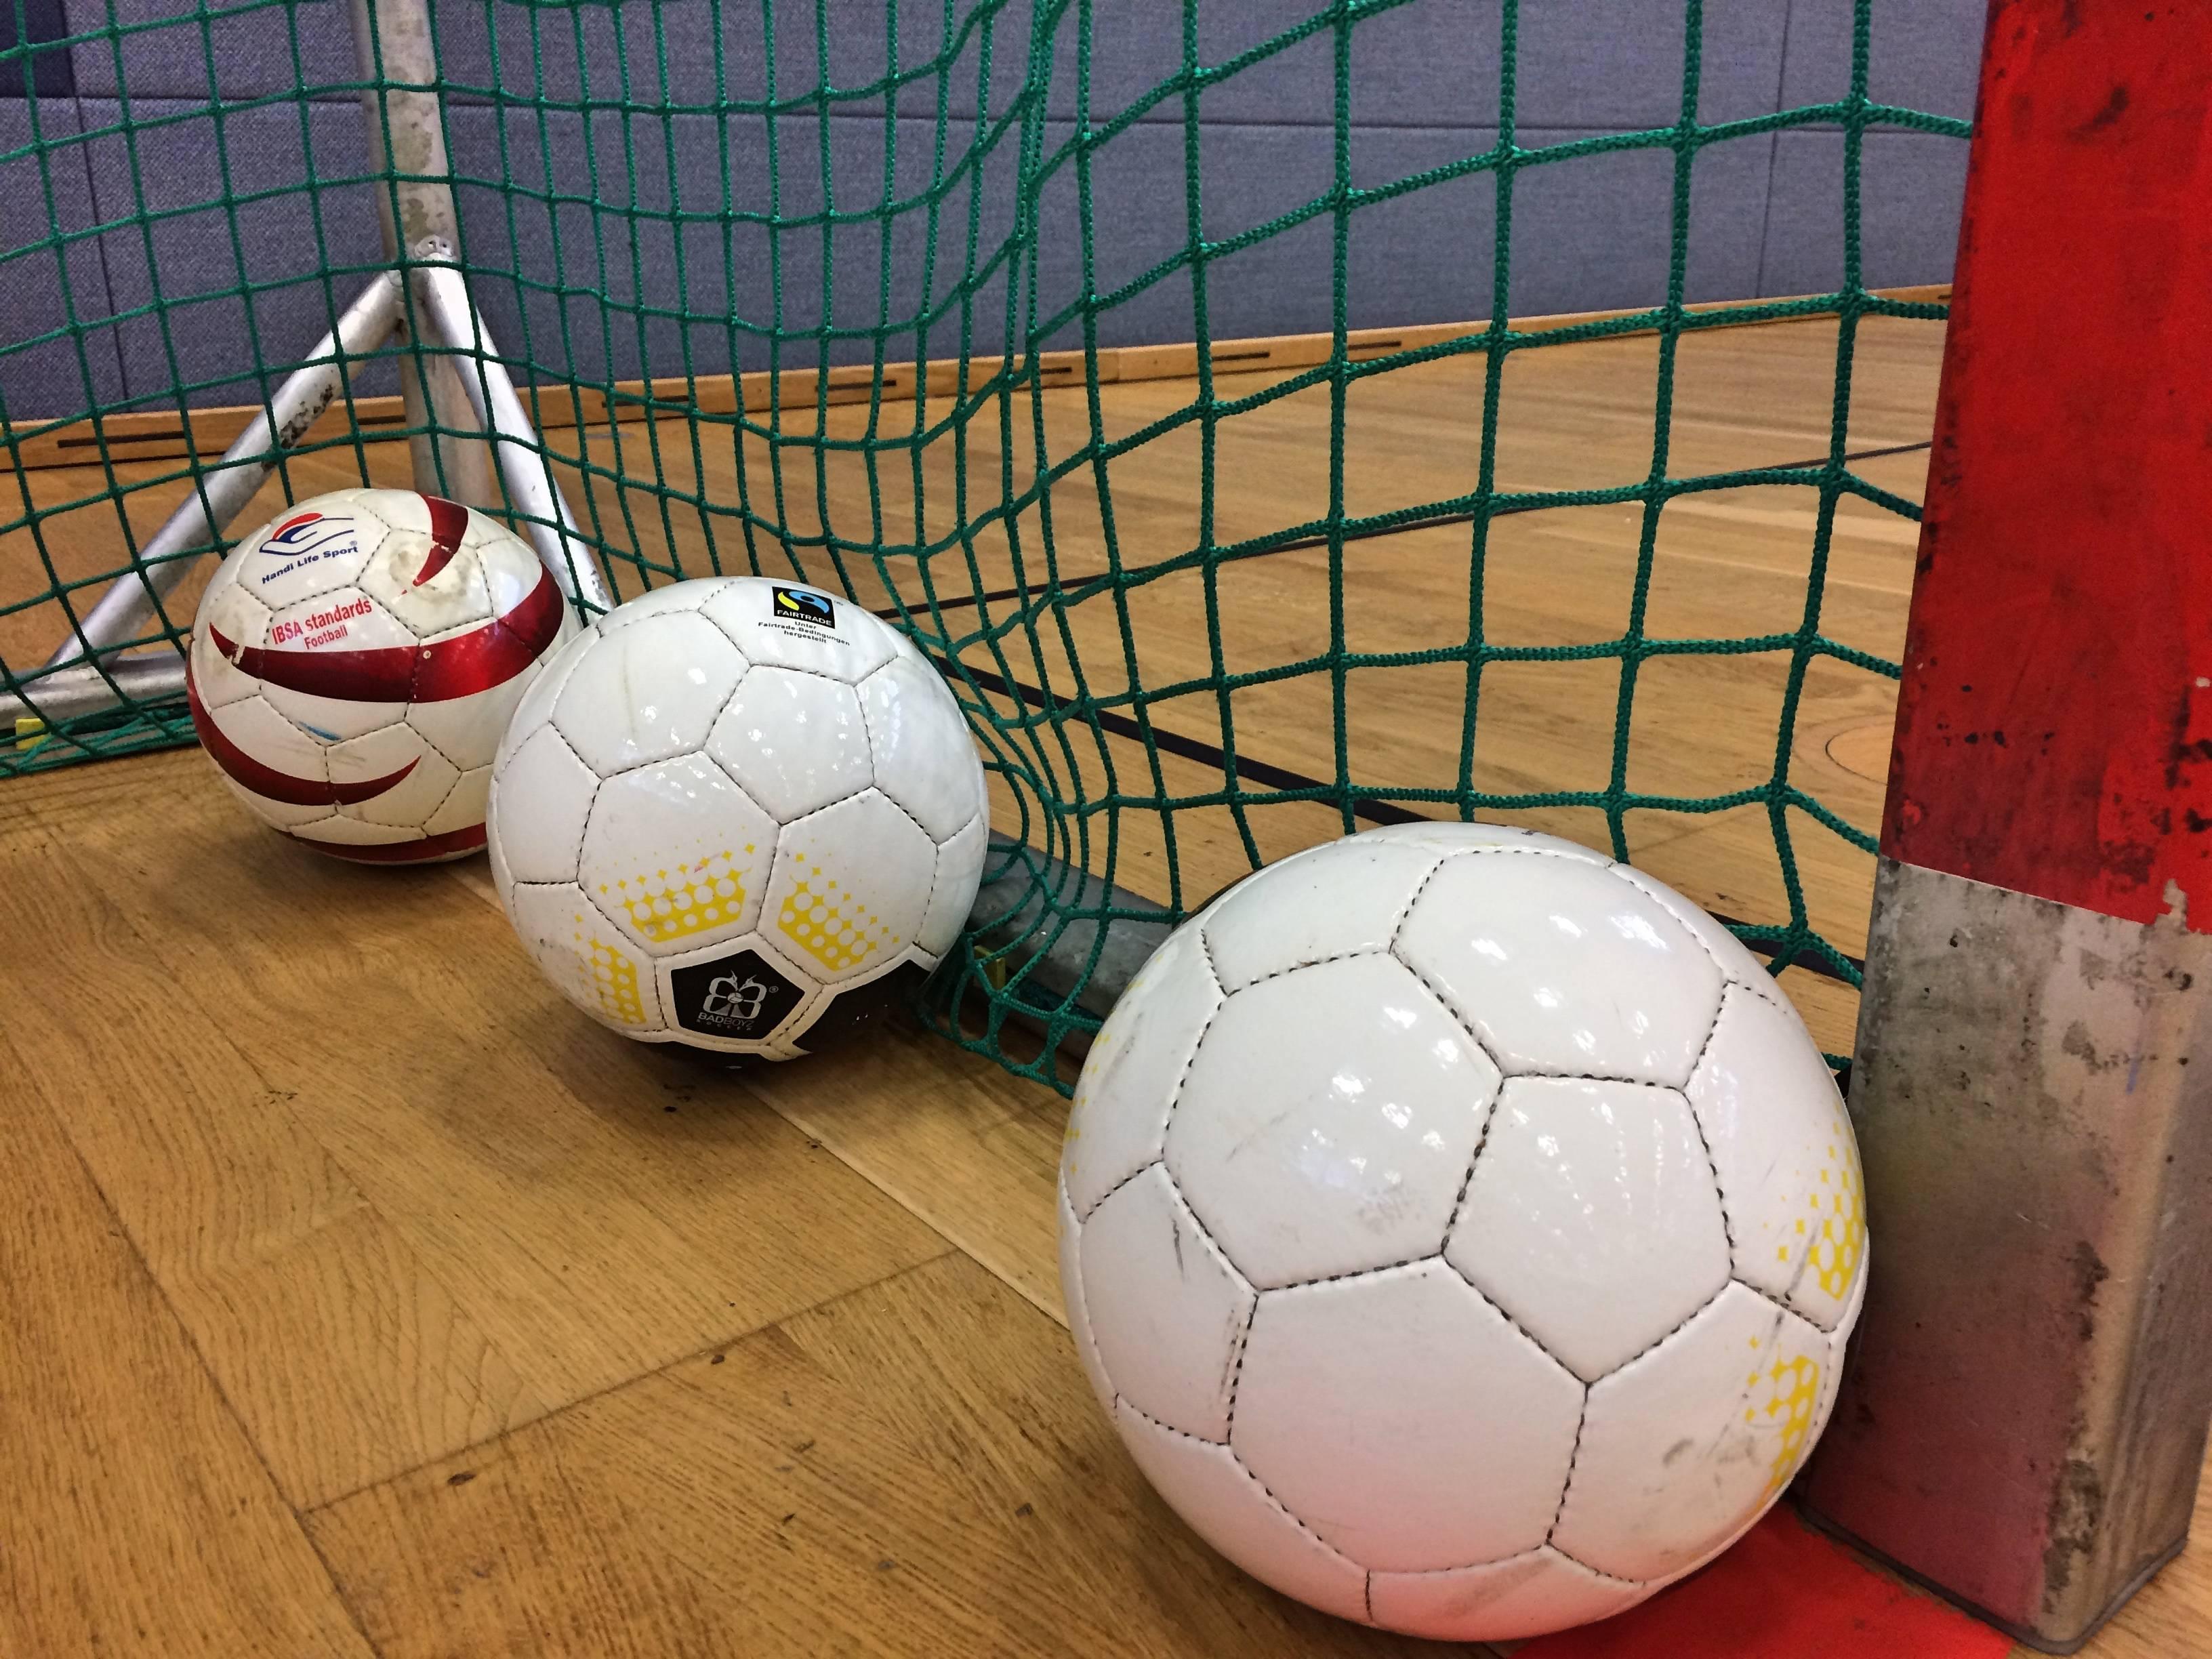 Drei Blindenfußbälle liegen hintereinander in der Ecke eines Handballtores. Foto: Florian Eib